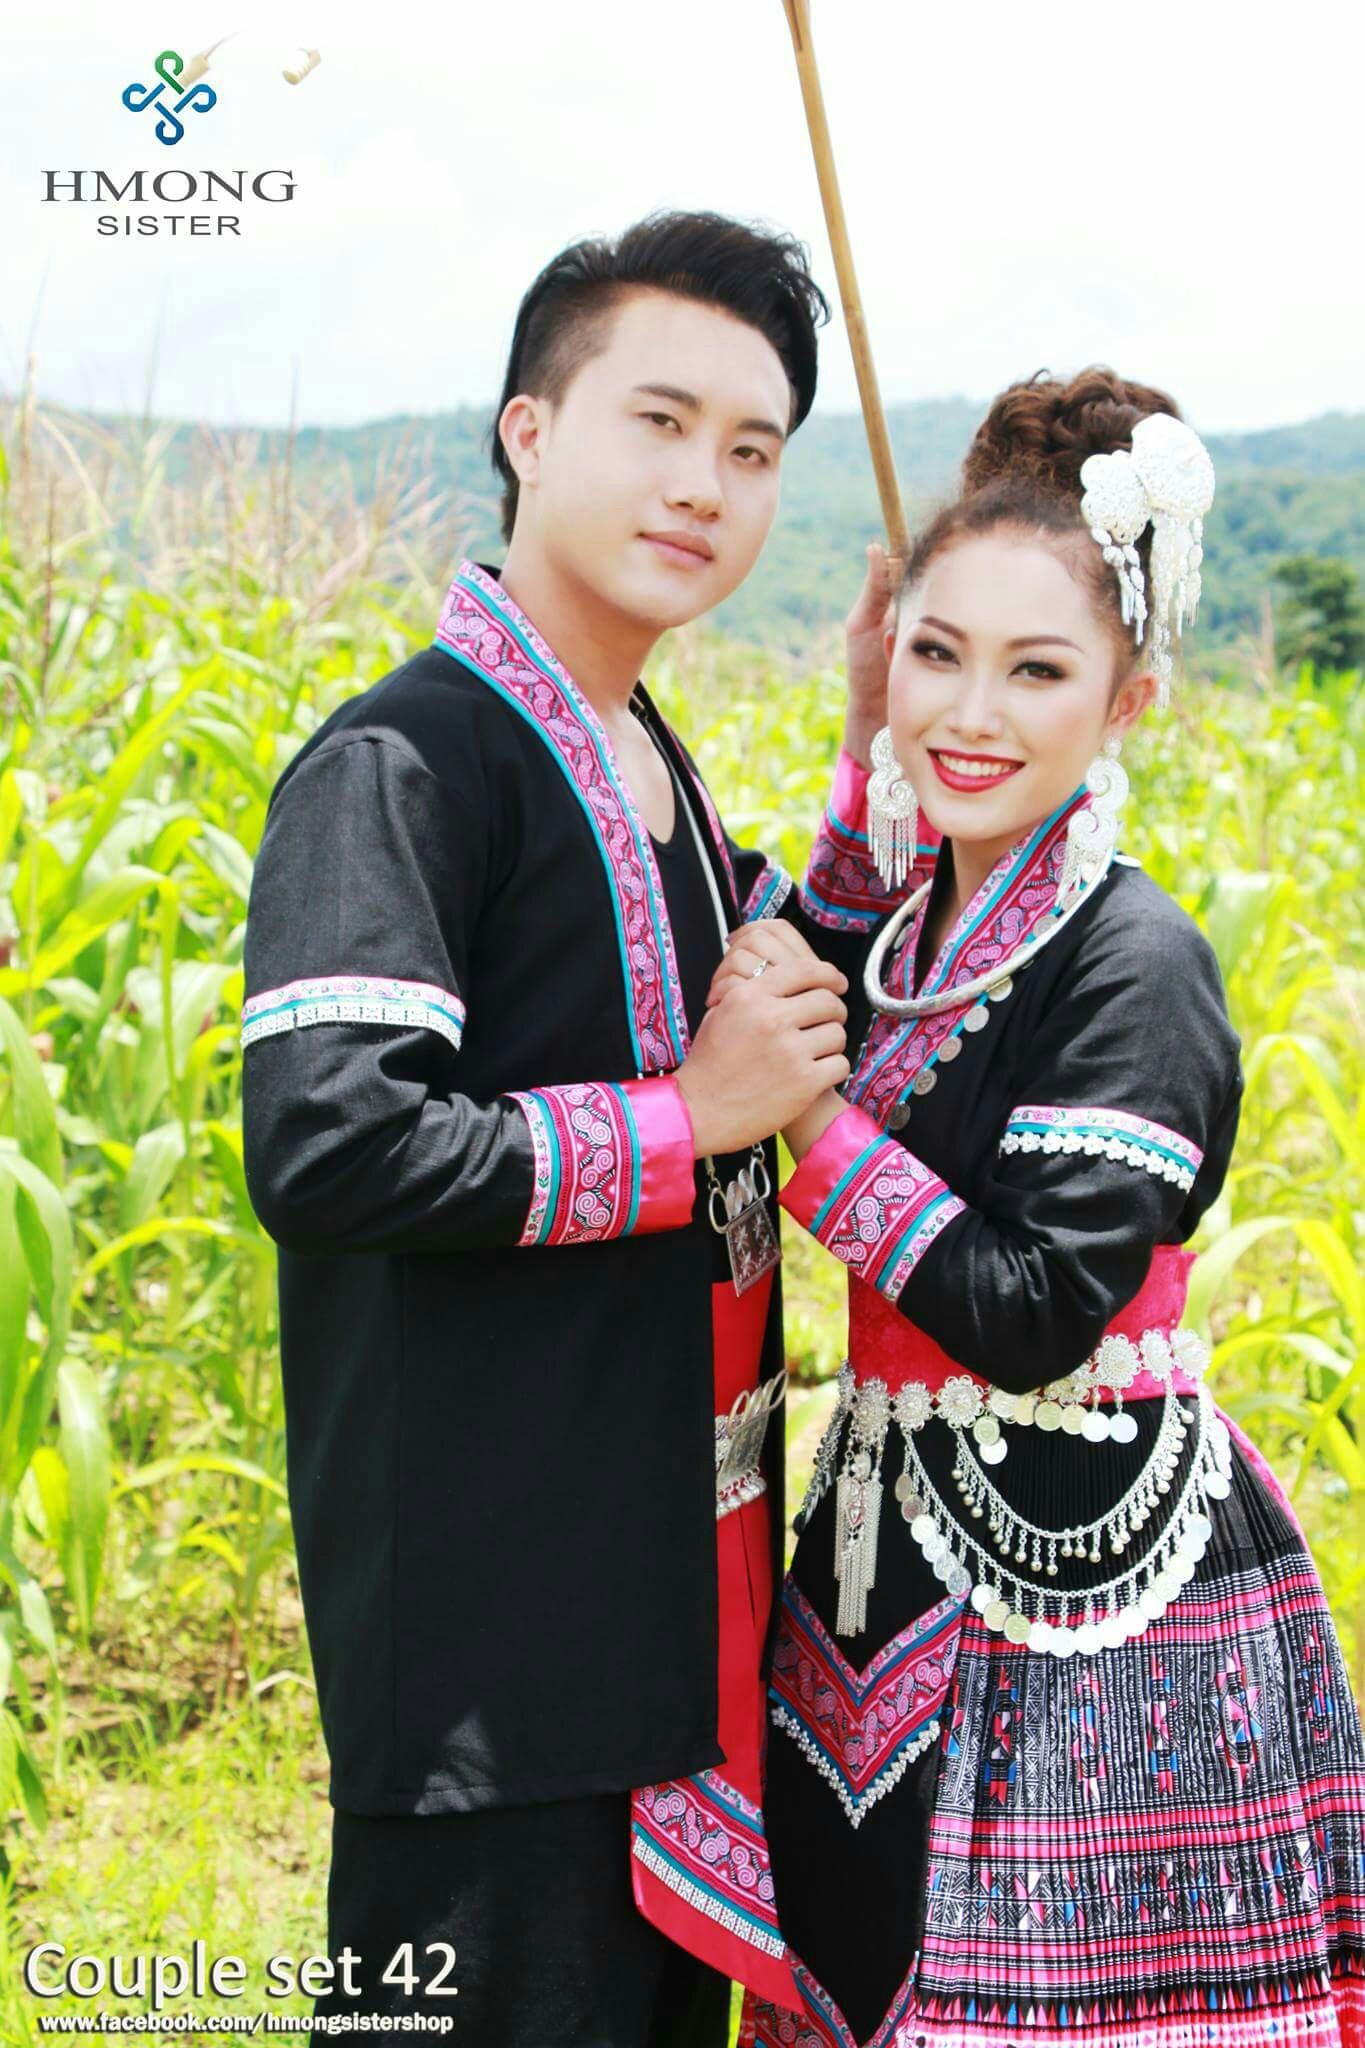 2017泰国苗族情侣装款,女款服装 项链 腰带,其它不包括套餐内.